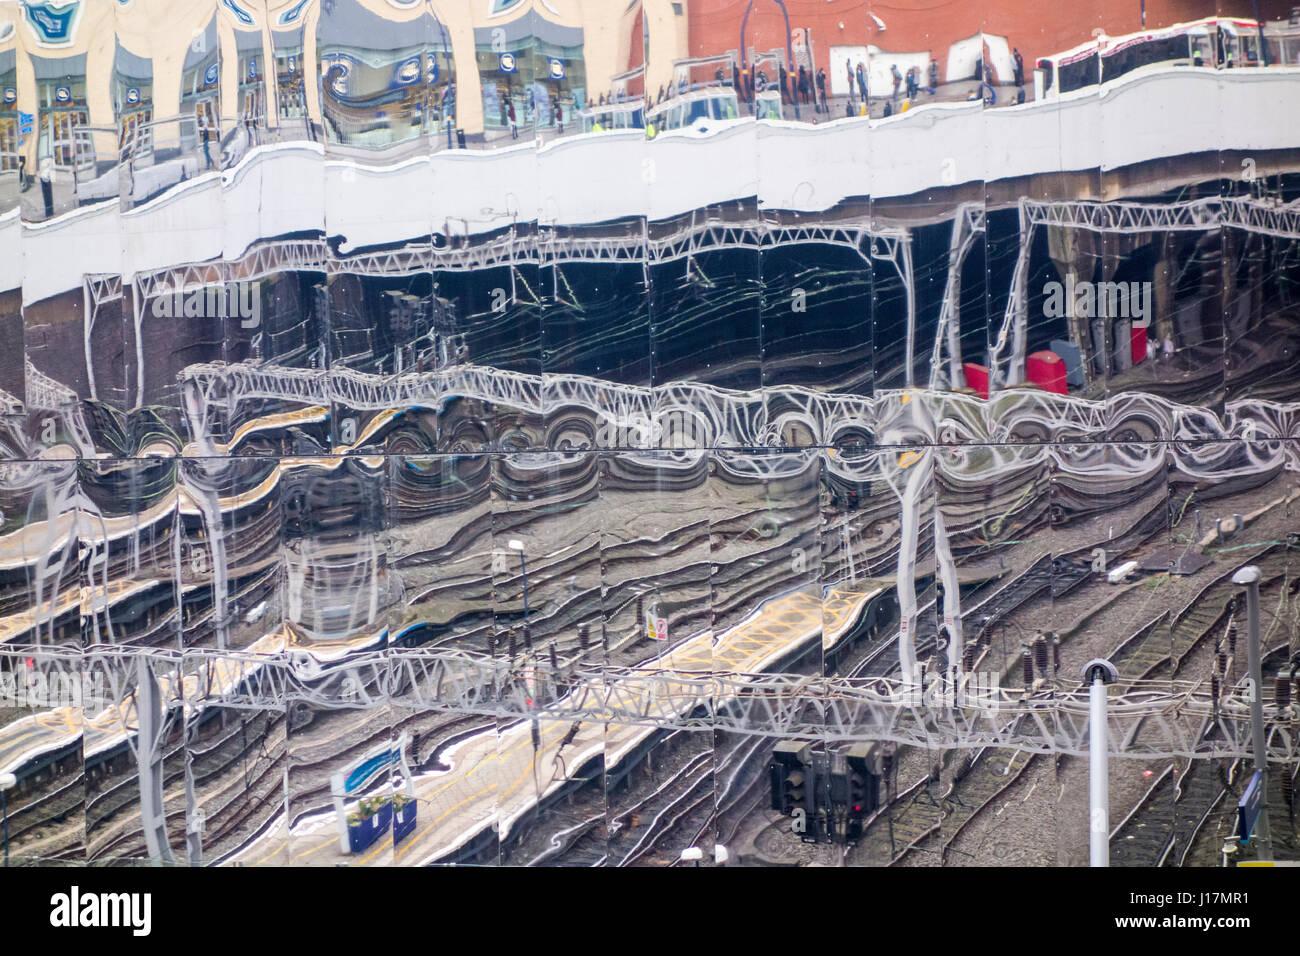 Reflexionen außerhalb Grand Central shopping centre über Birmingham New Street Station. Birmingham, UK Stockbild